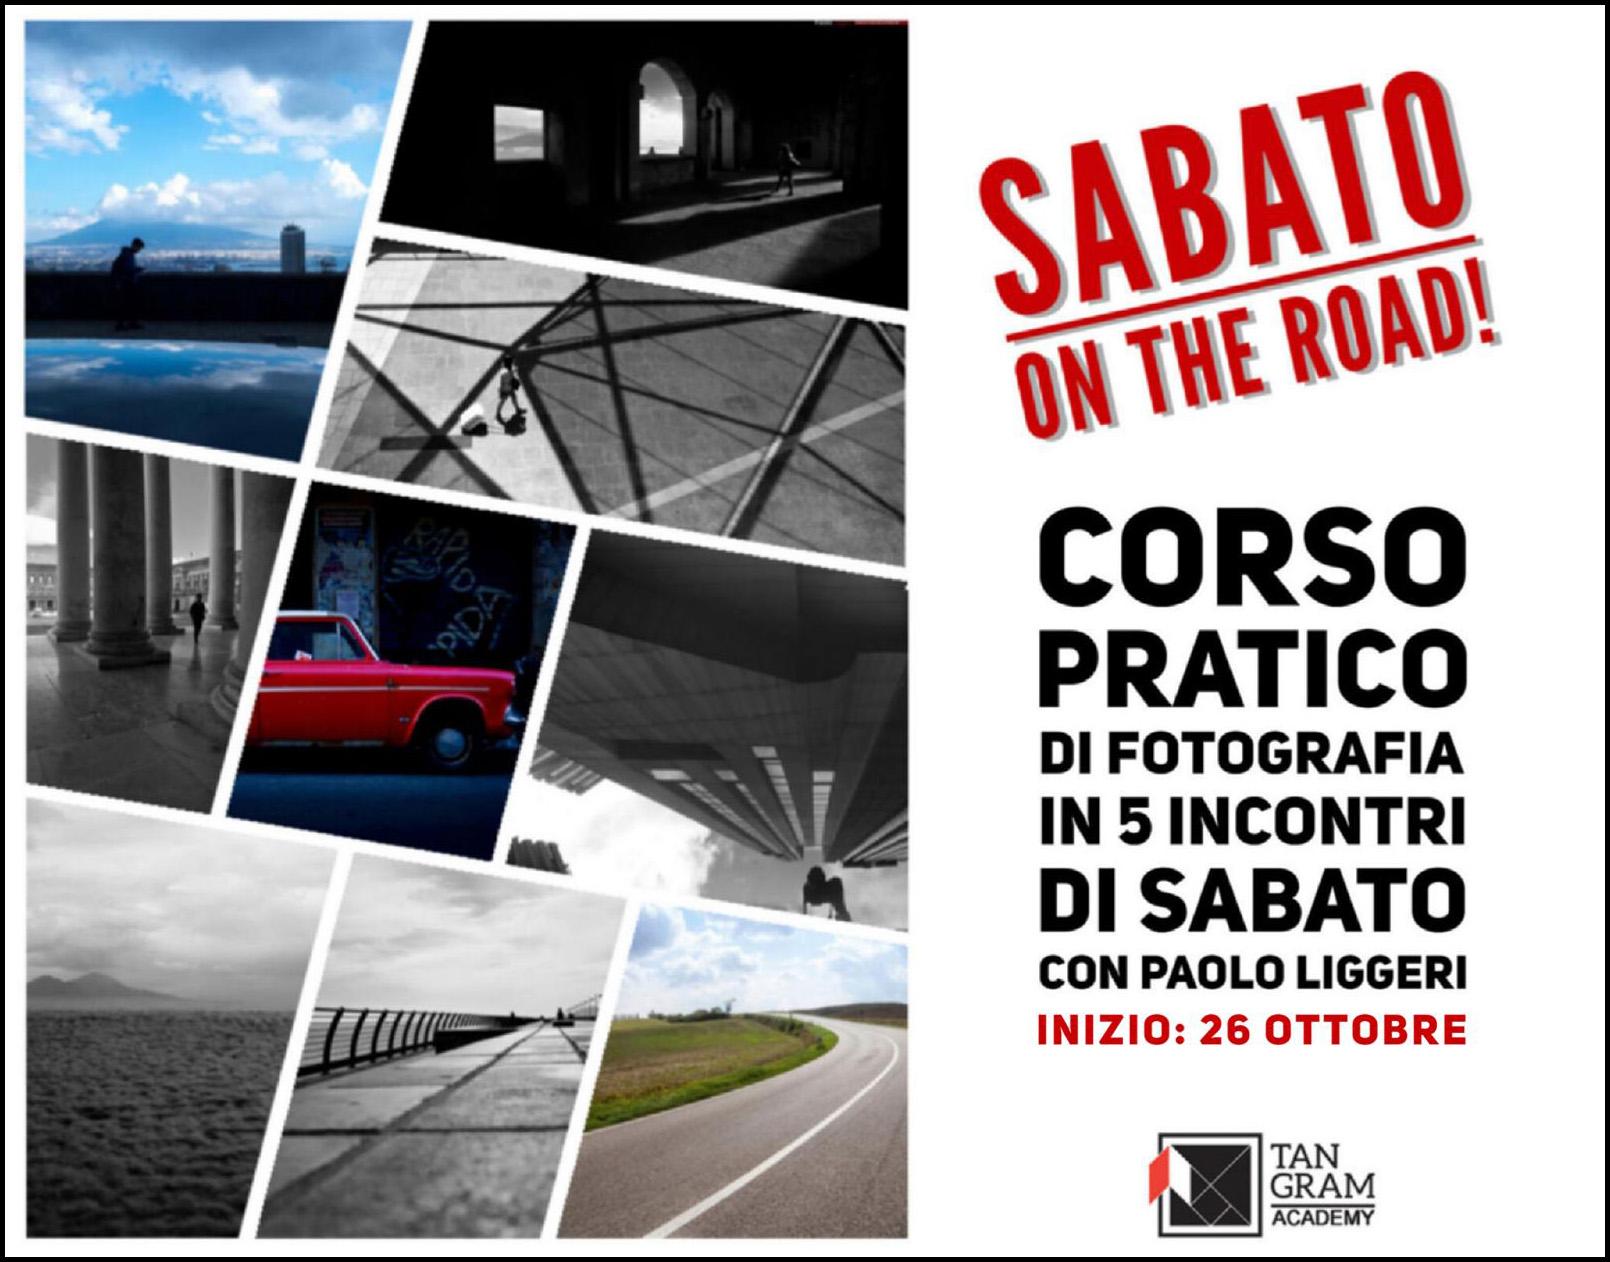 Sabato on the Road! | Corso pratico di fotografia| a cura di Paolo Liggeri